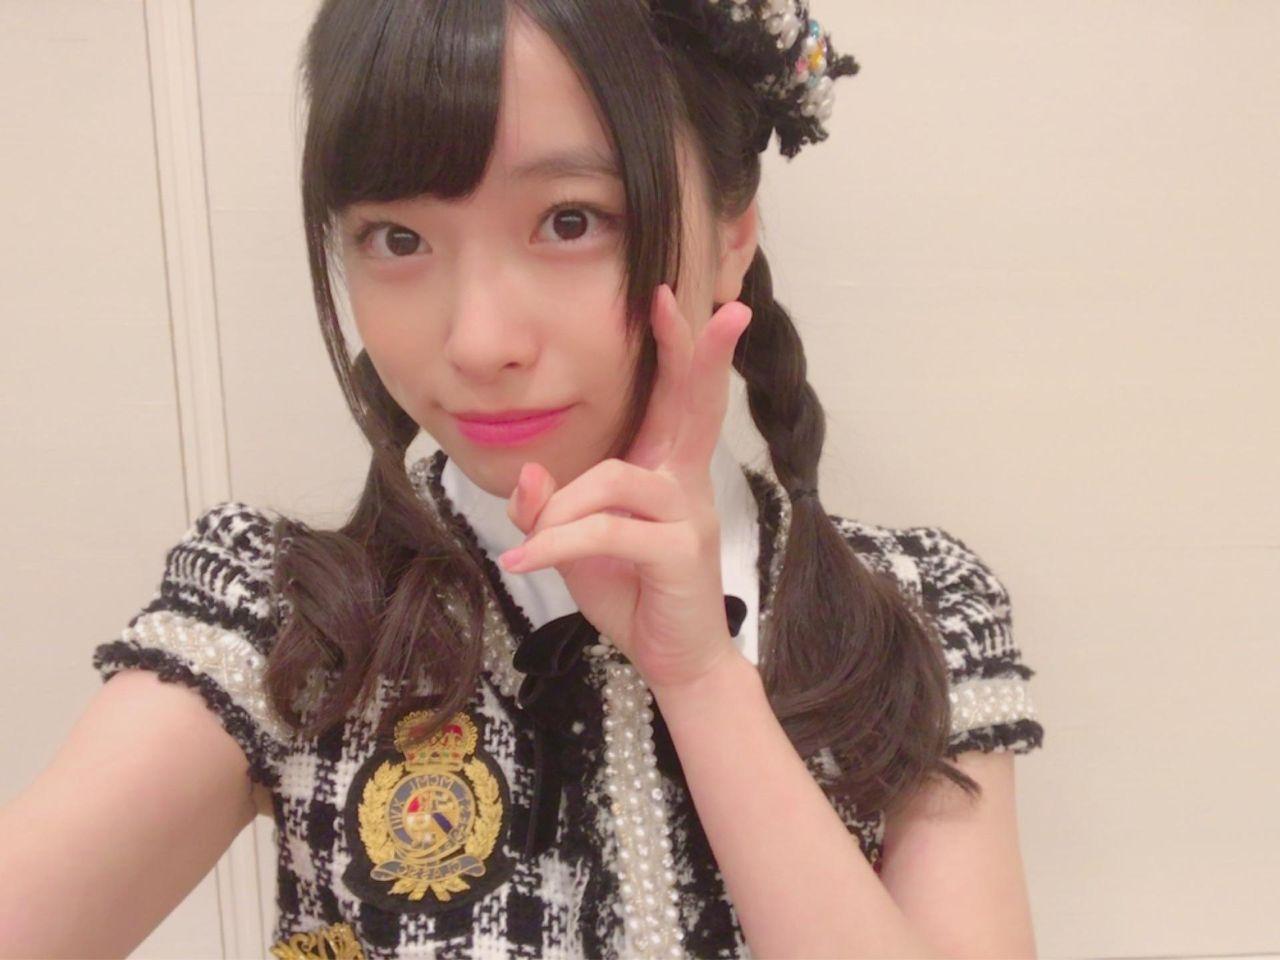 【悲報】AKB48久保怜音cがスポンサー接待イベントを暴露wwwwwwww